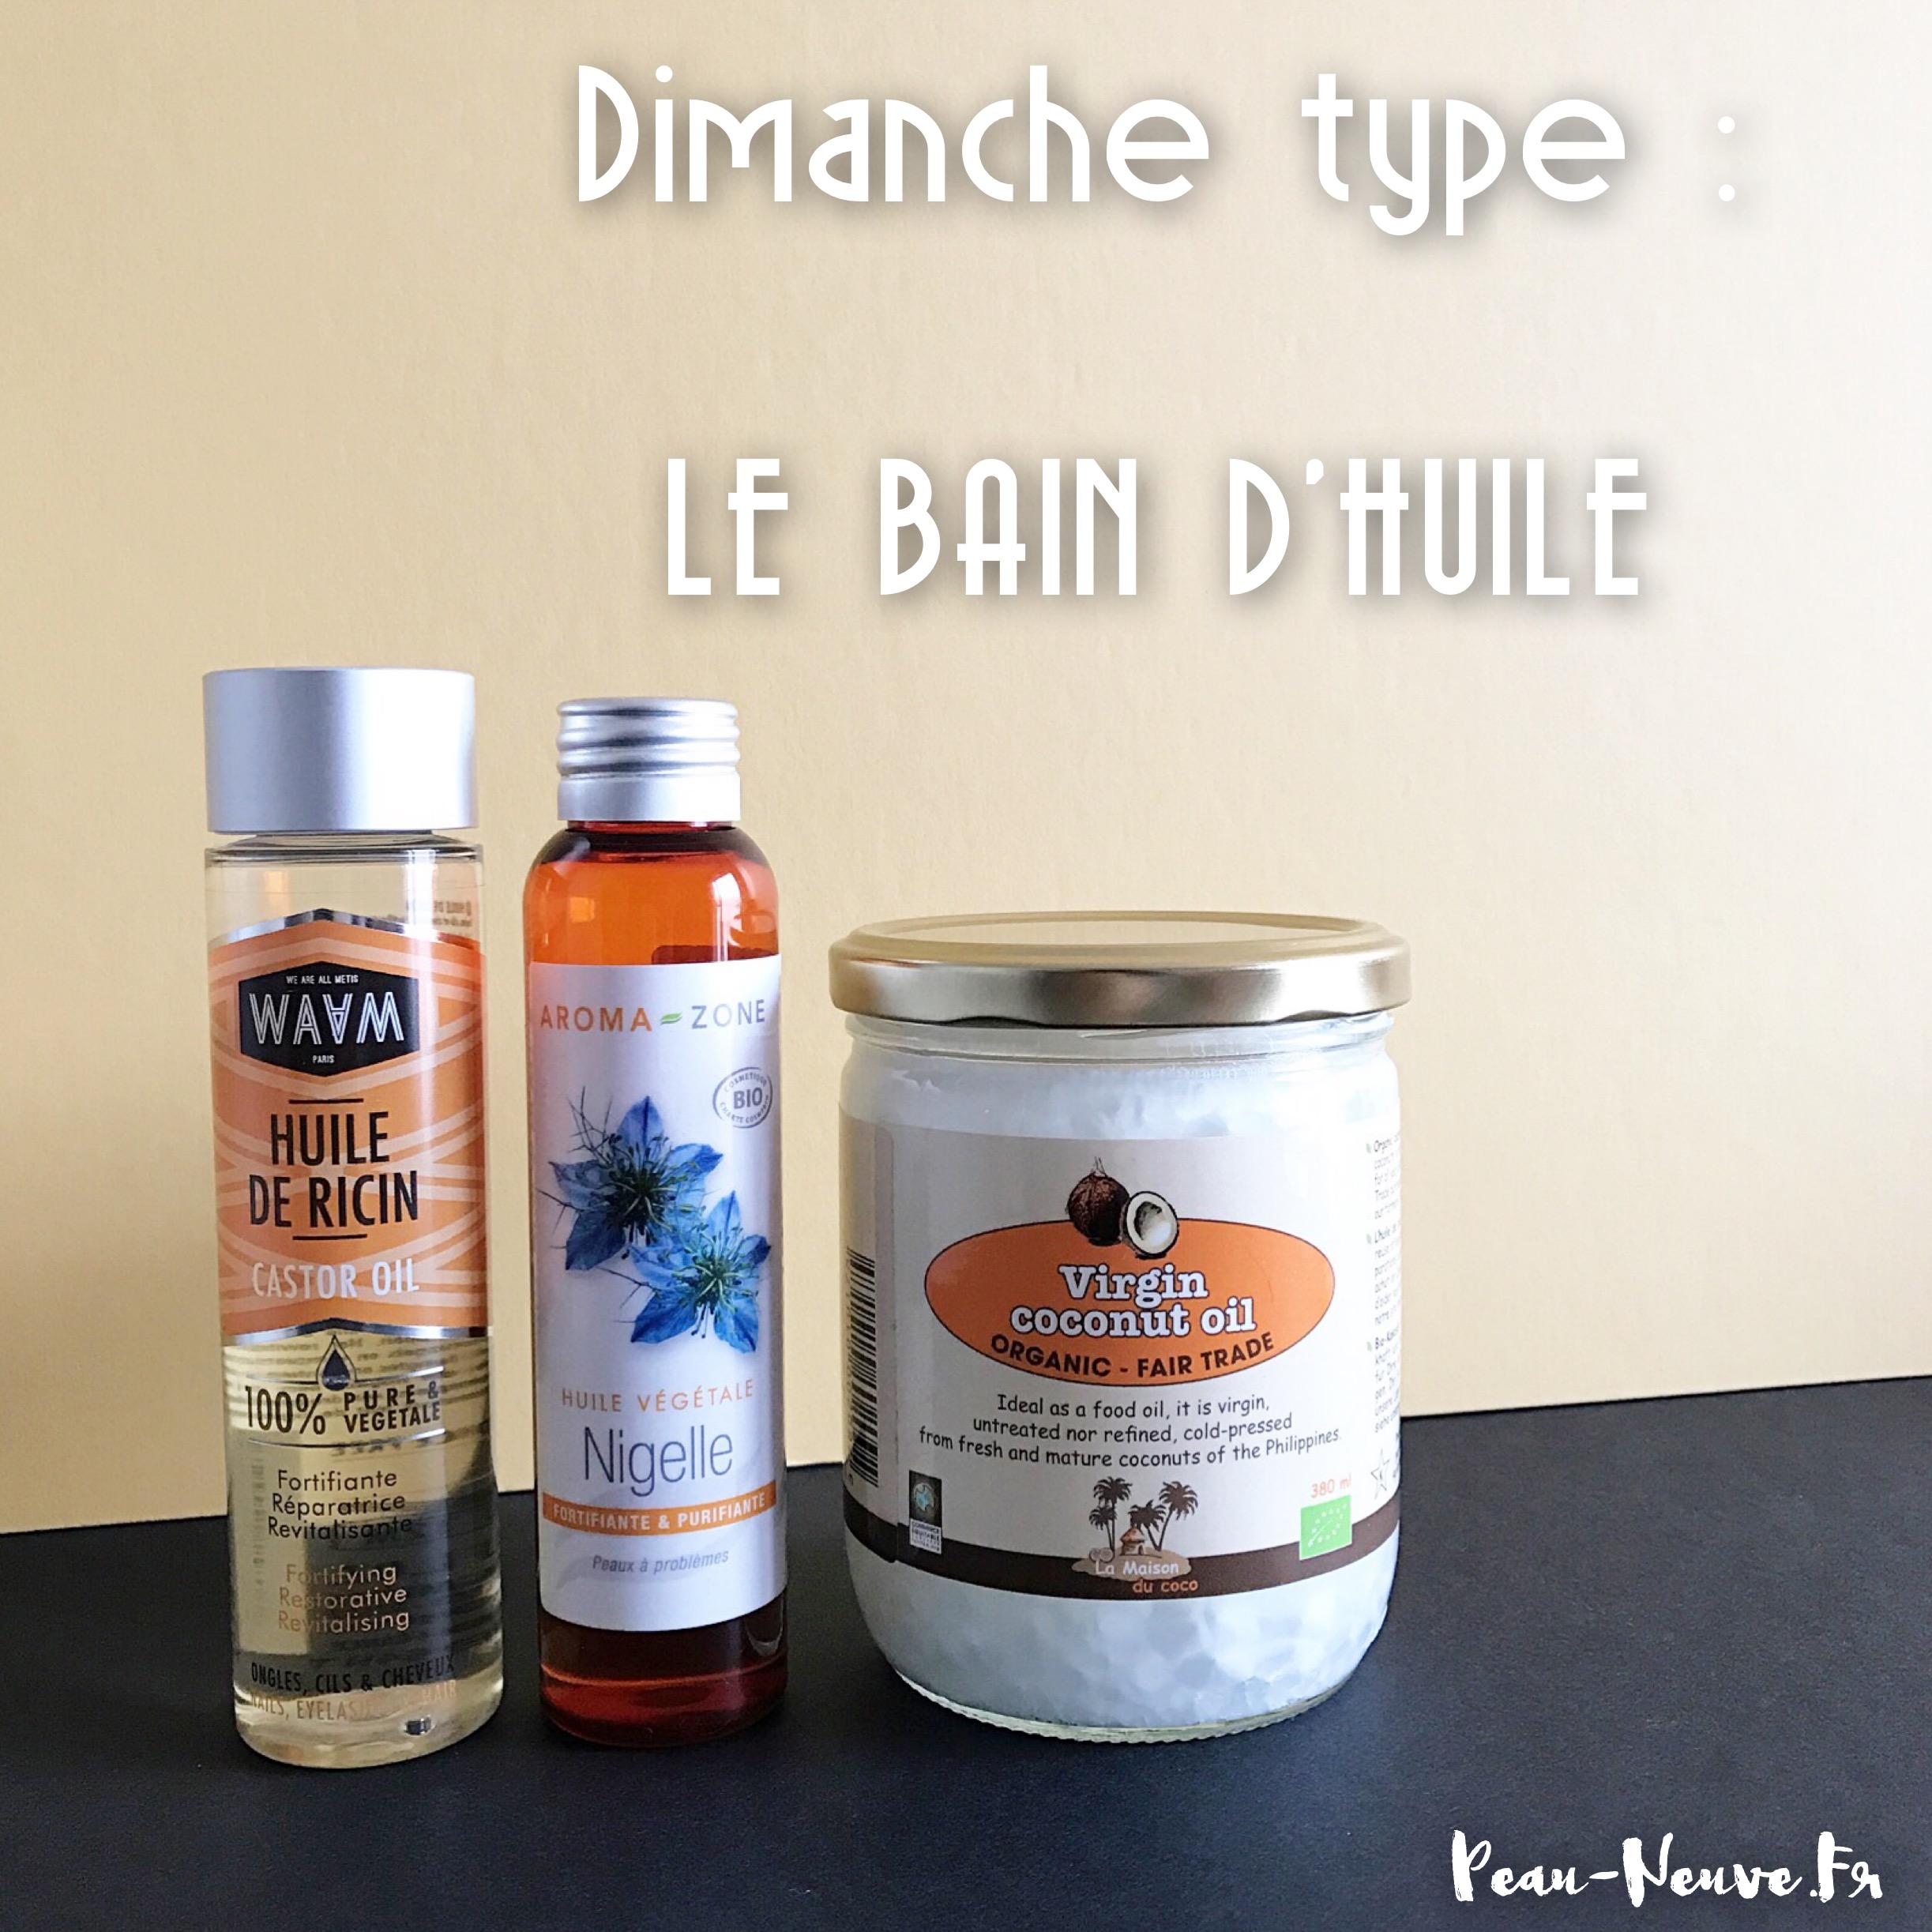 Dimanche type : LE BAIN D'HUILE